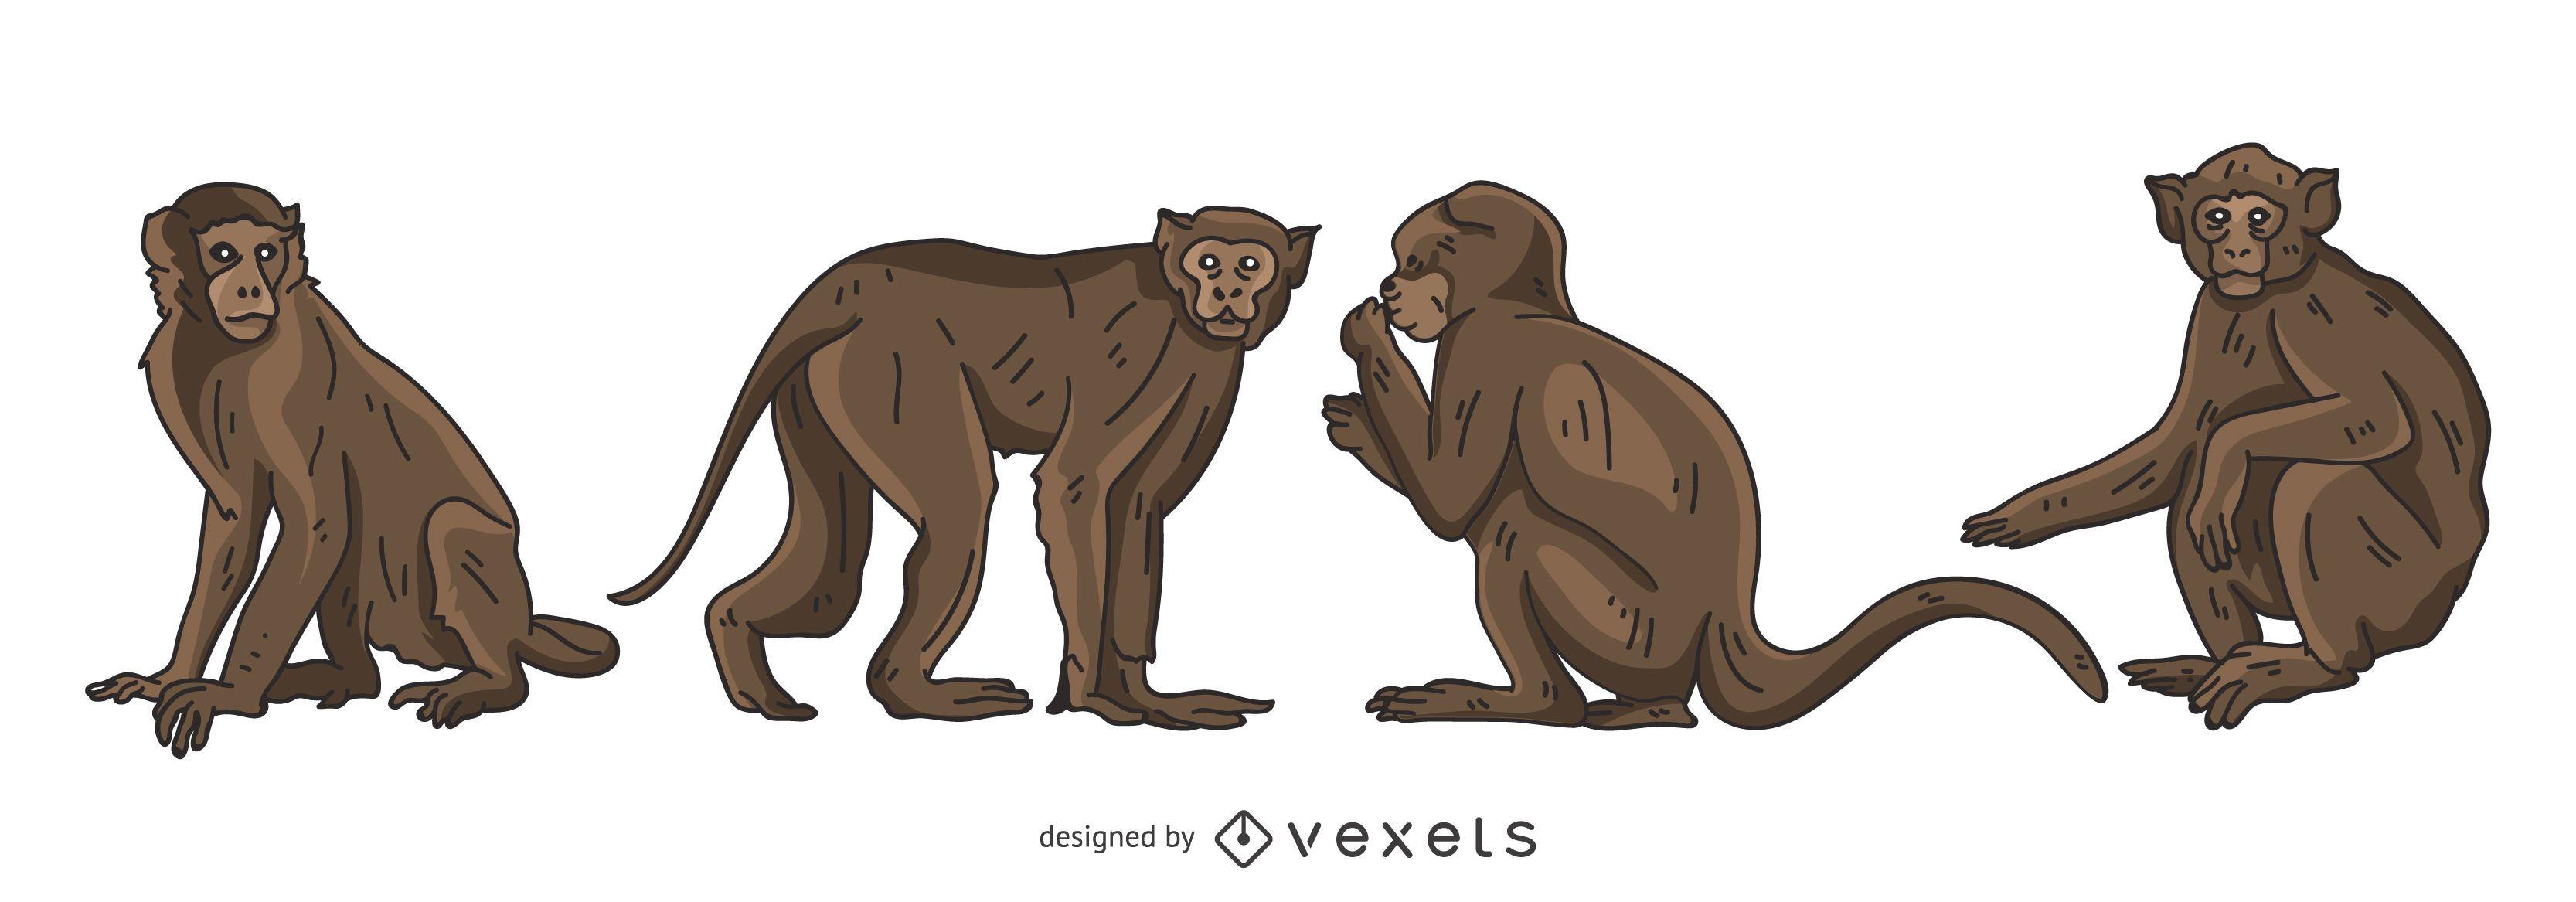 Conjunto de vectores de mono marrón